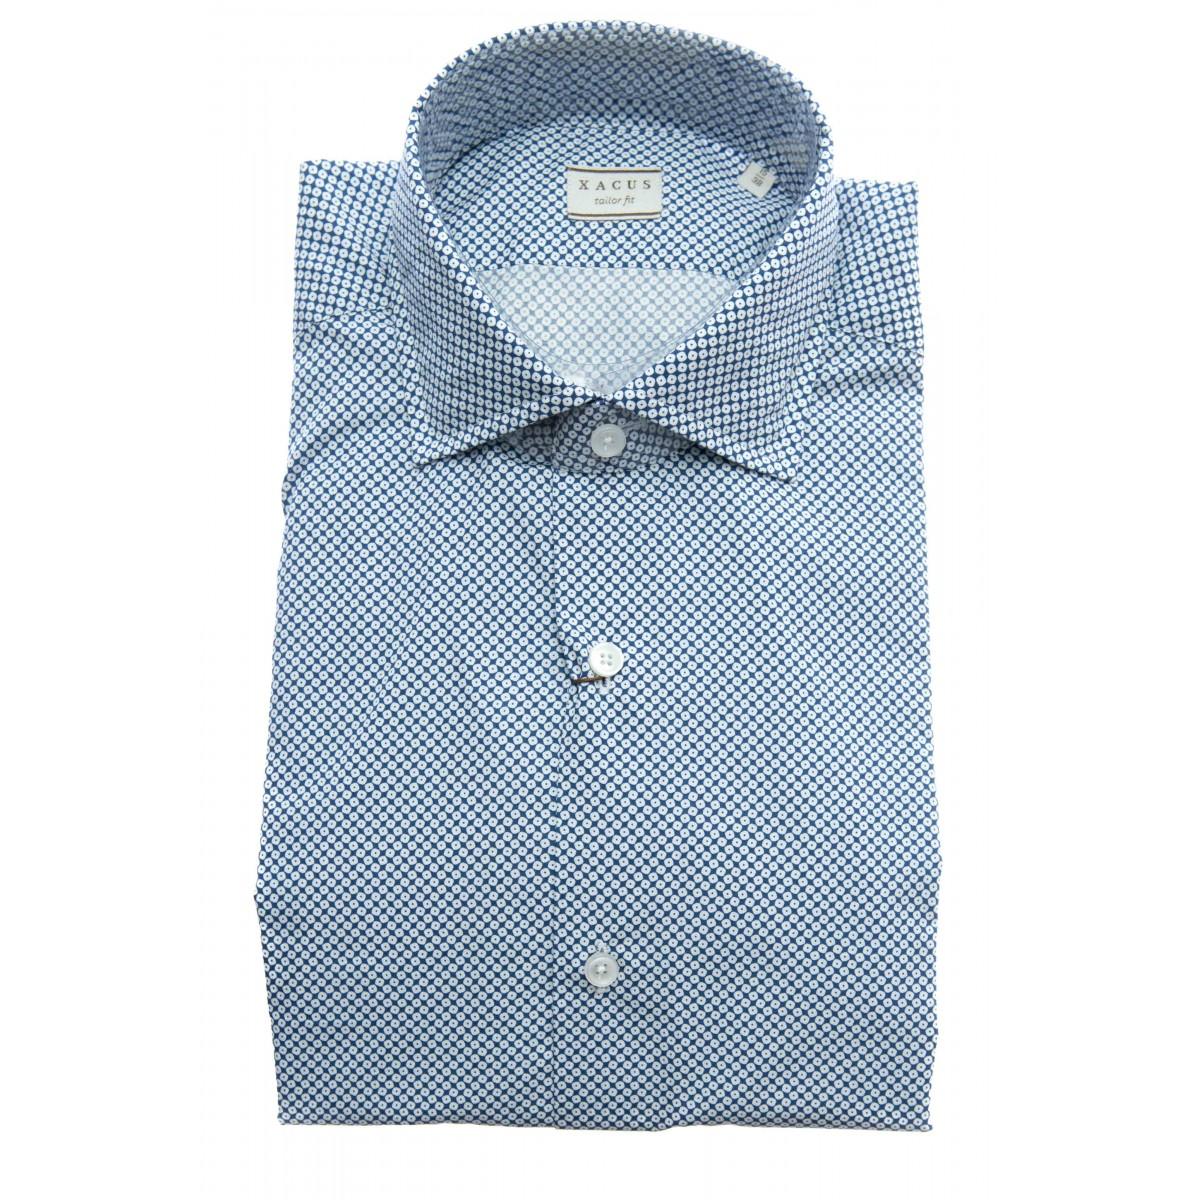 Camicia uomo - 748 41501 stampa su popeline